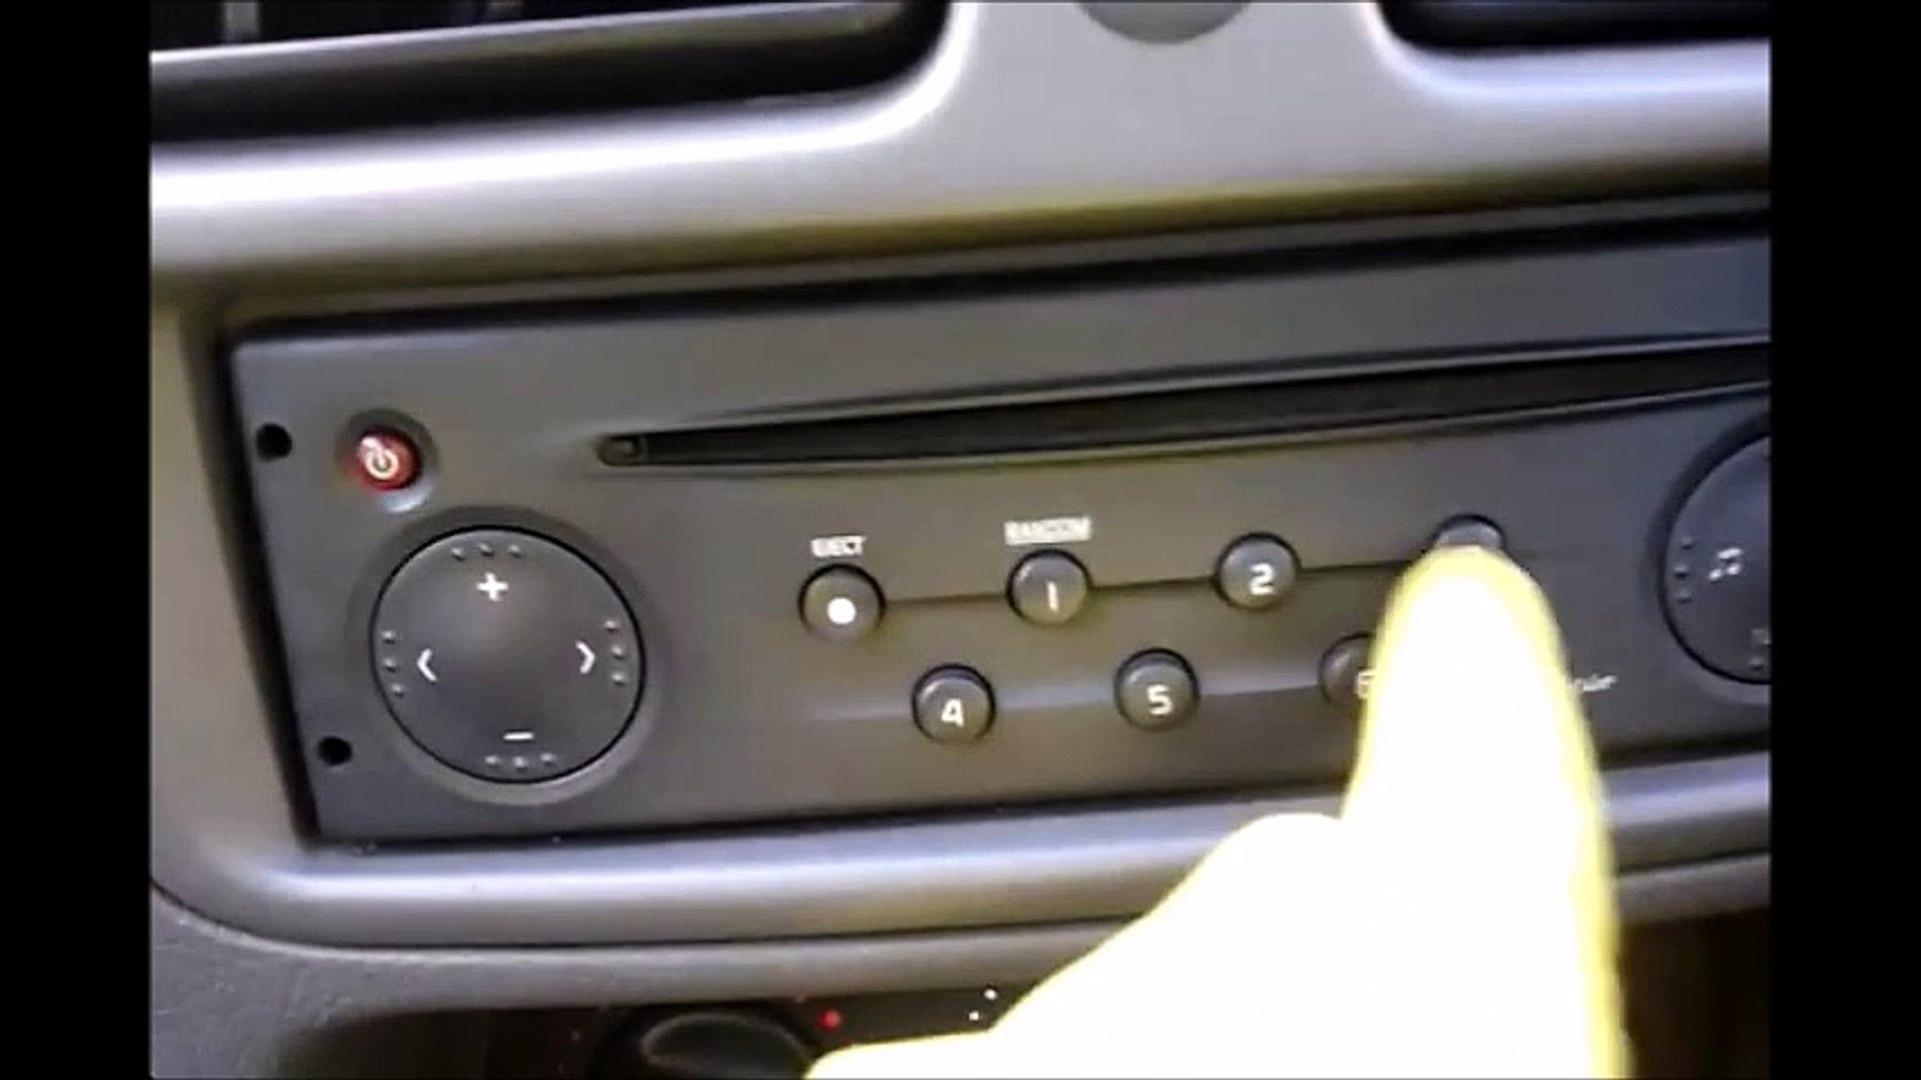 Enter Renault Kangoo Radio Code